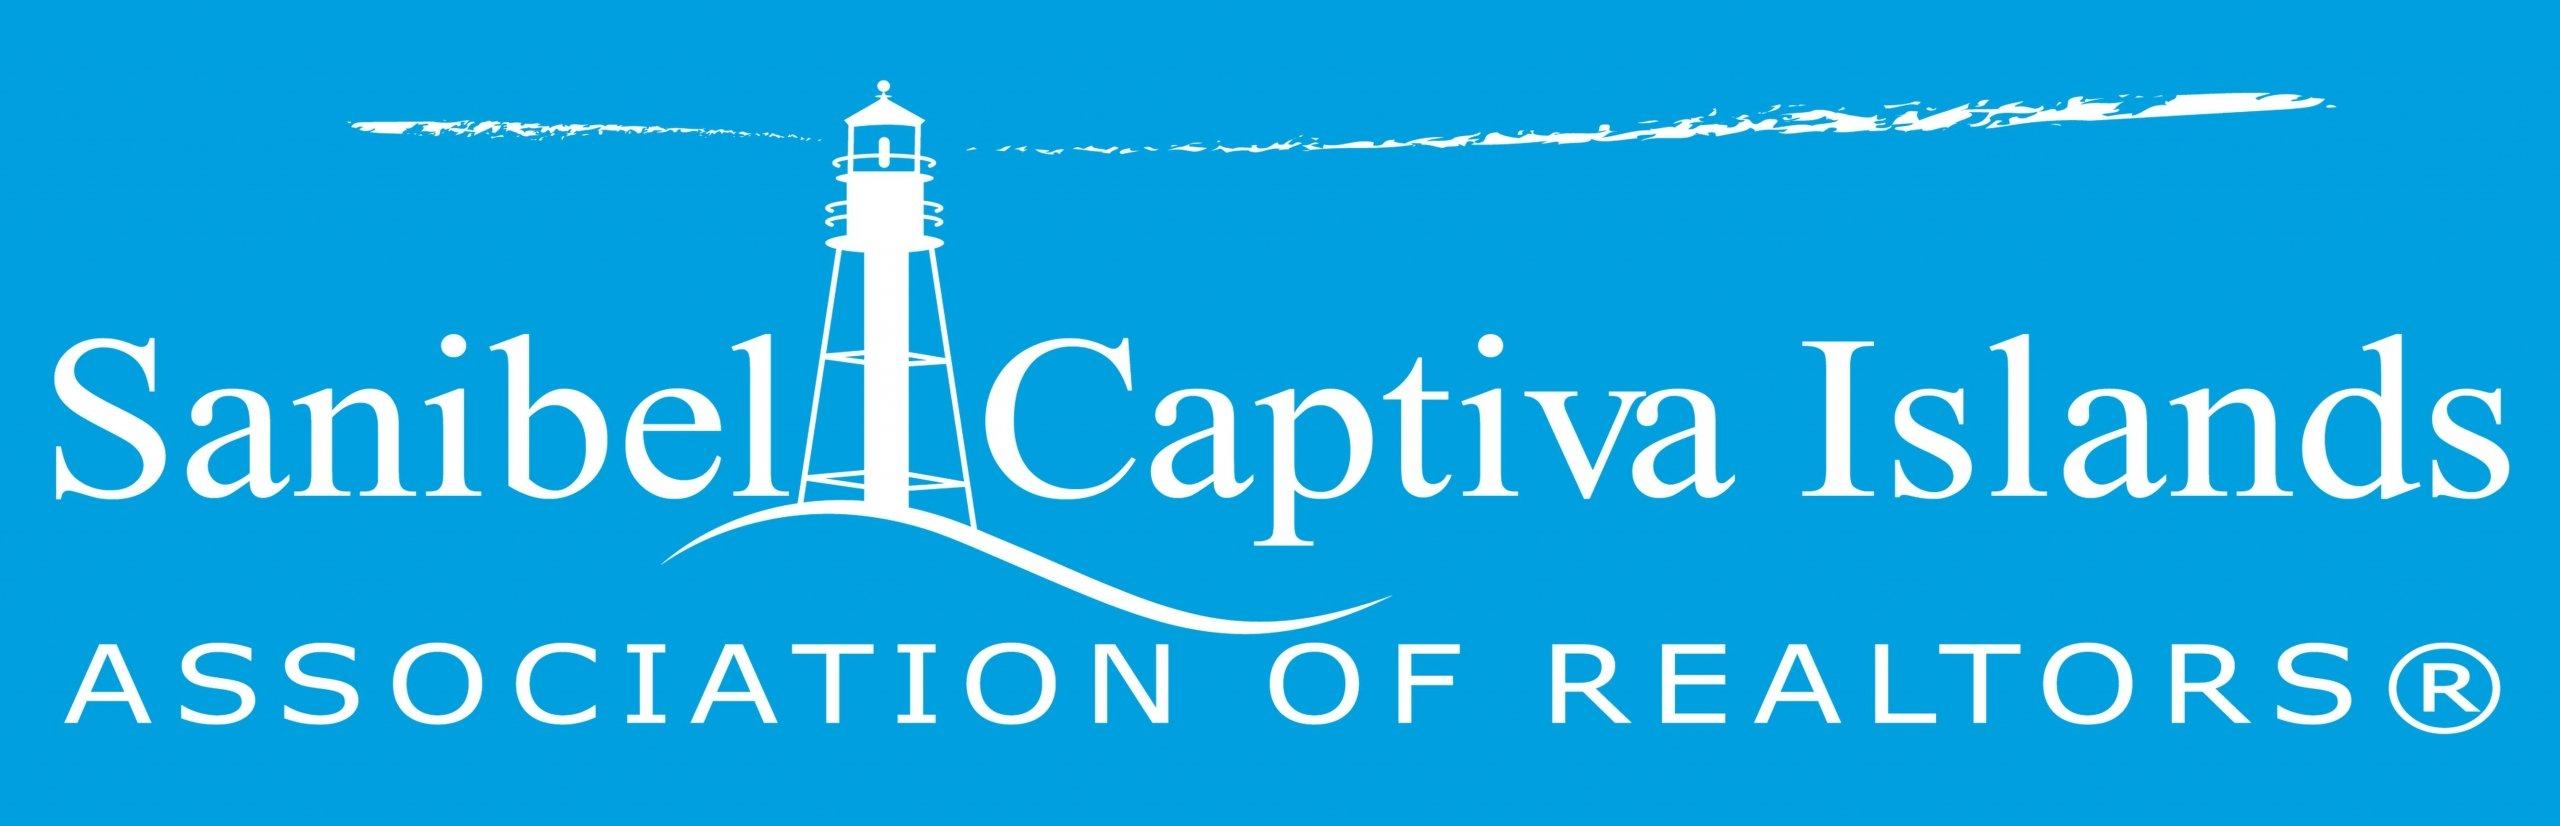 Sanibel Captiva Realtors logo